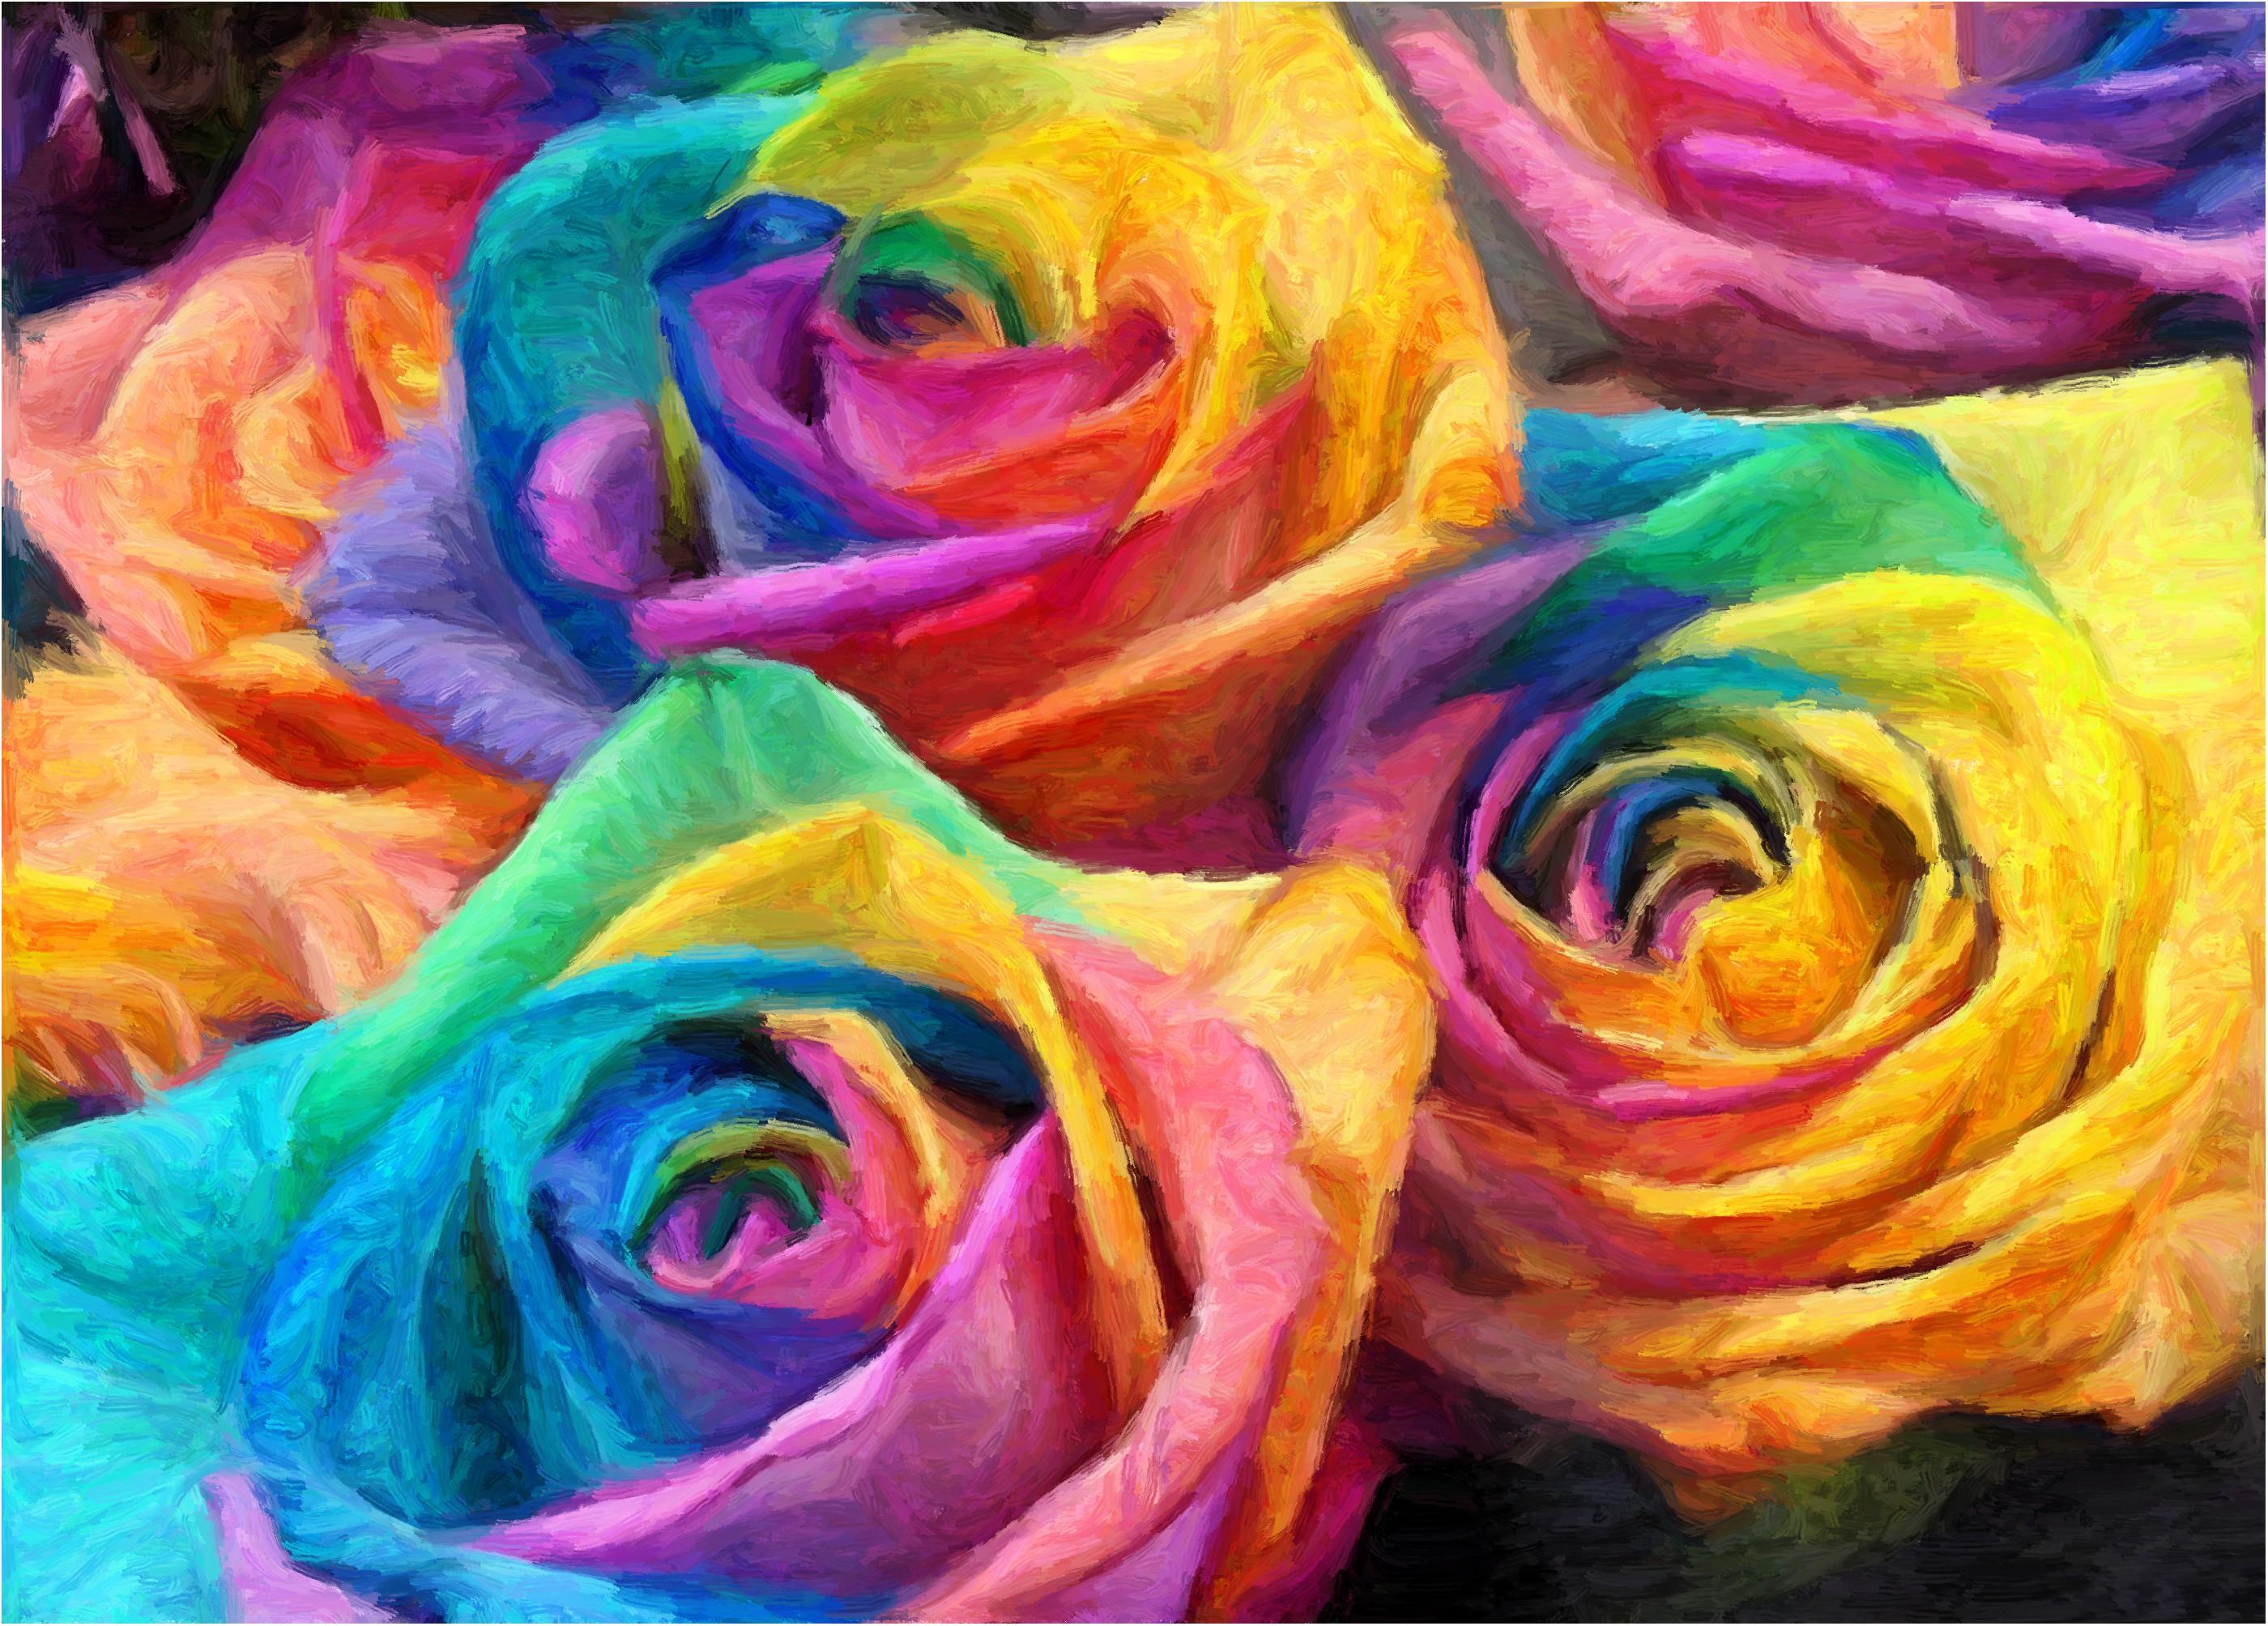 Фотографии и картинки необычных радужных цветов: http://kartinki-cvetov.ru/raduzhnye-cvety.html